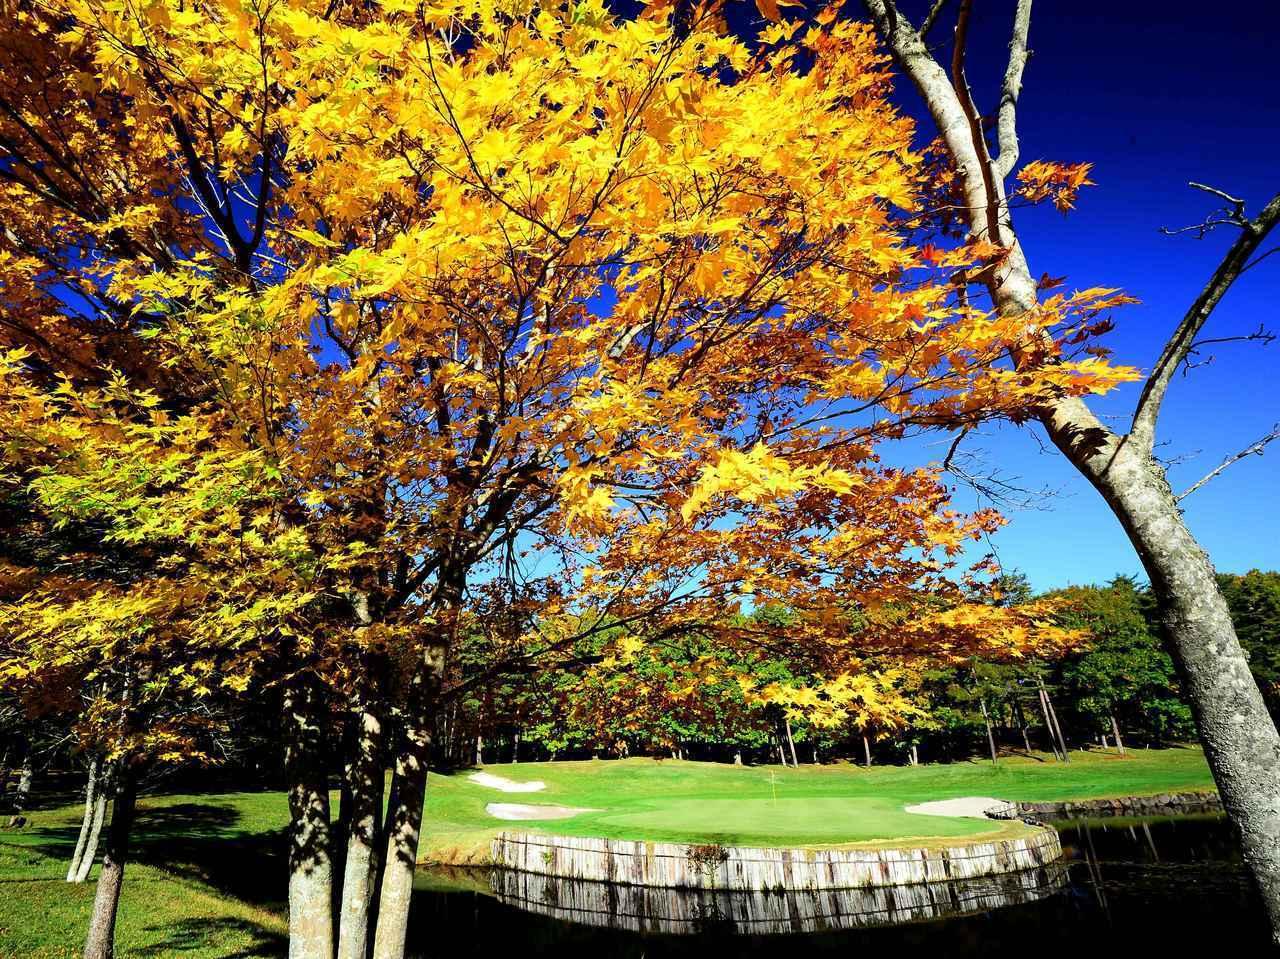 画像: 【岩手・八幡平】紅葉ゴルフ。有名設計家が描いた5つのチャンピオンコースと盛岡三大麺 - ゴルフへ行こうWEB by ゴルフダイジェスト